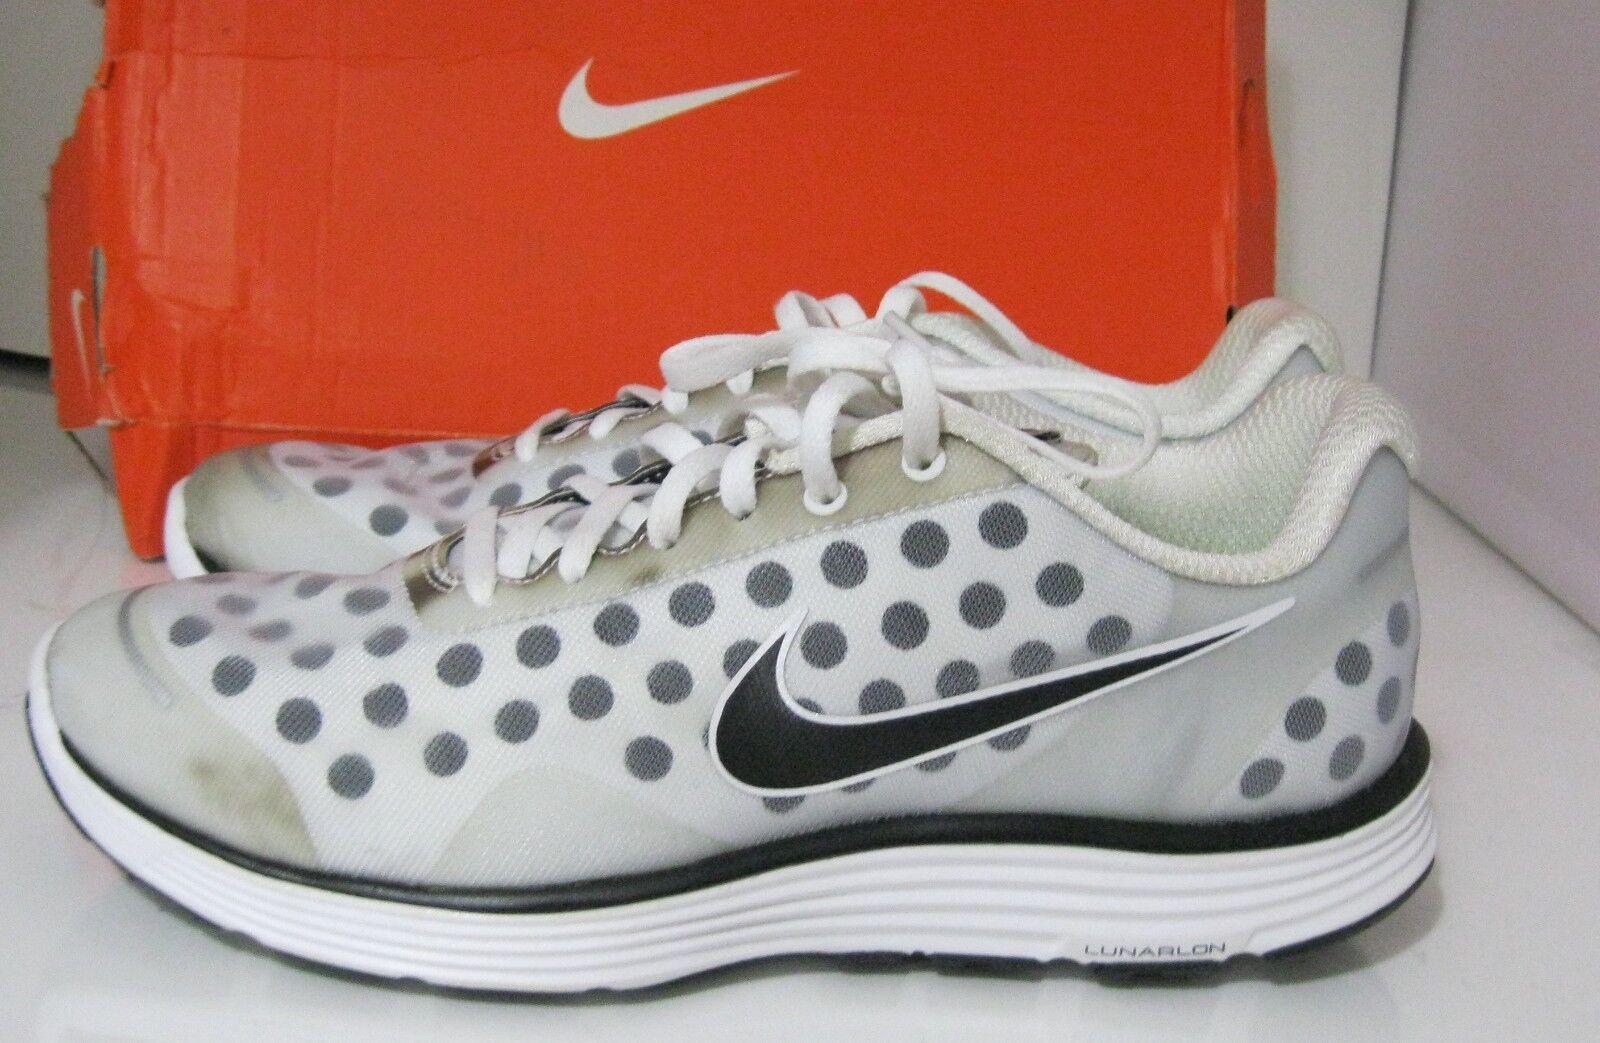 100% authentic 8740d cb4f5 ... nike lunarswift 2 2 2 (silver black), scarpe da ginnastica scarpe  443840- ...